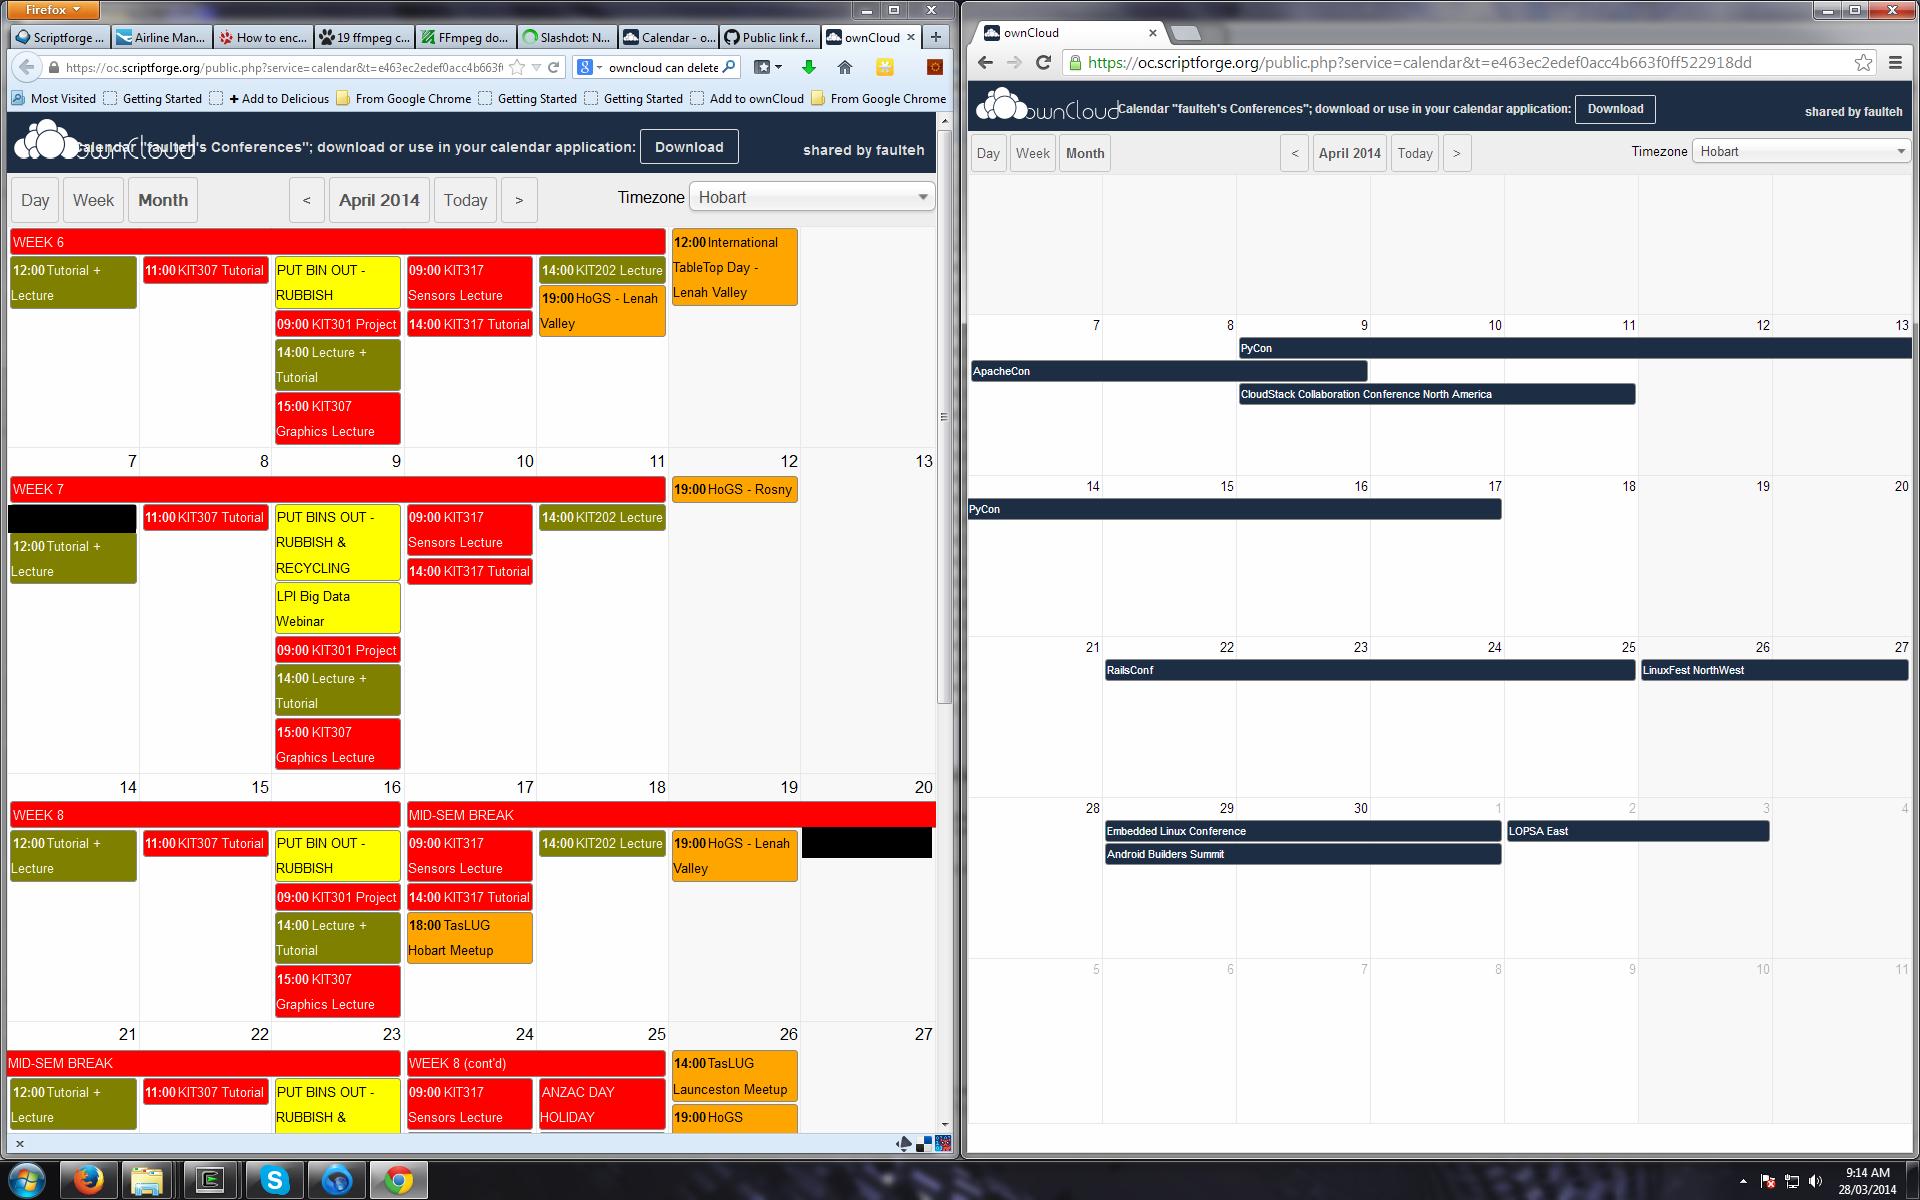 oc-calendar-public-link-logged-in-bug